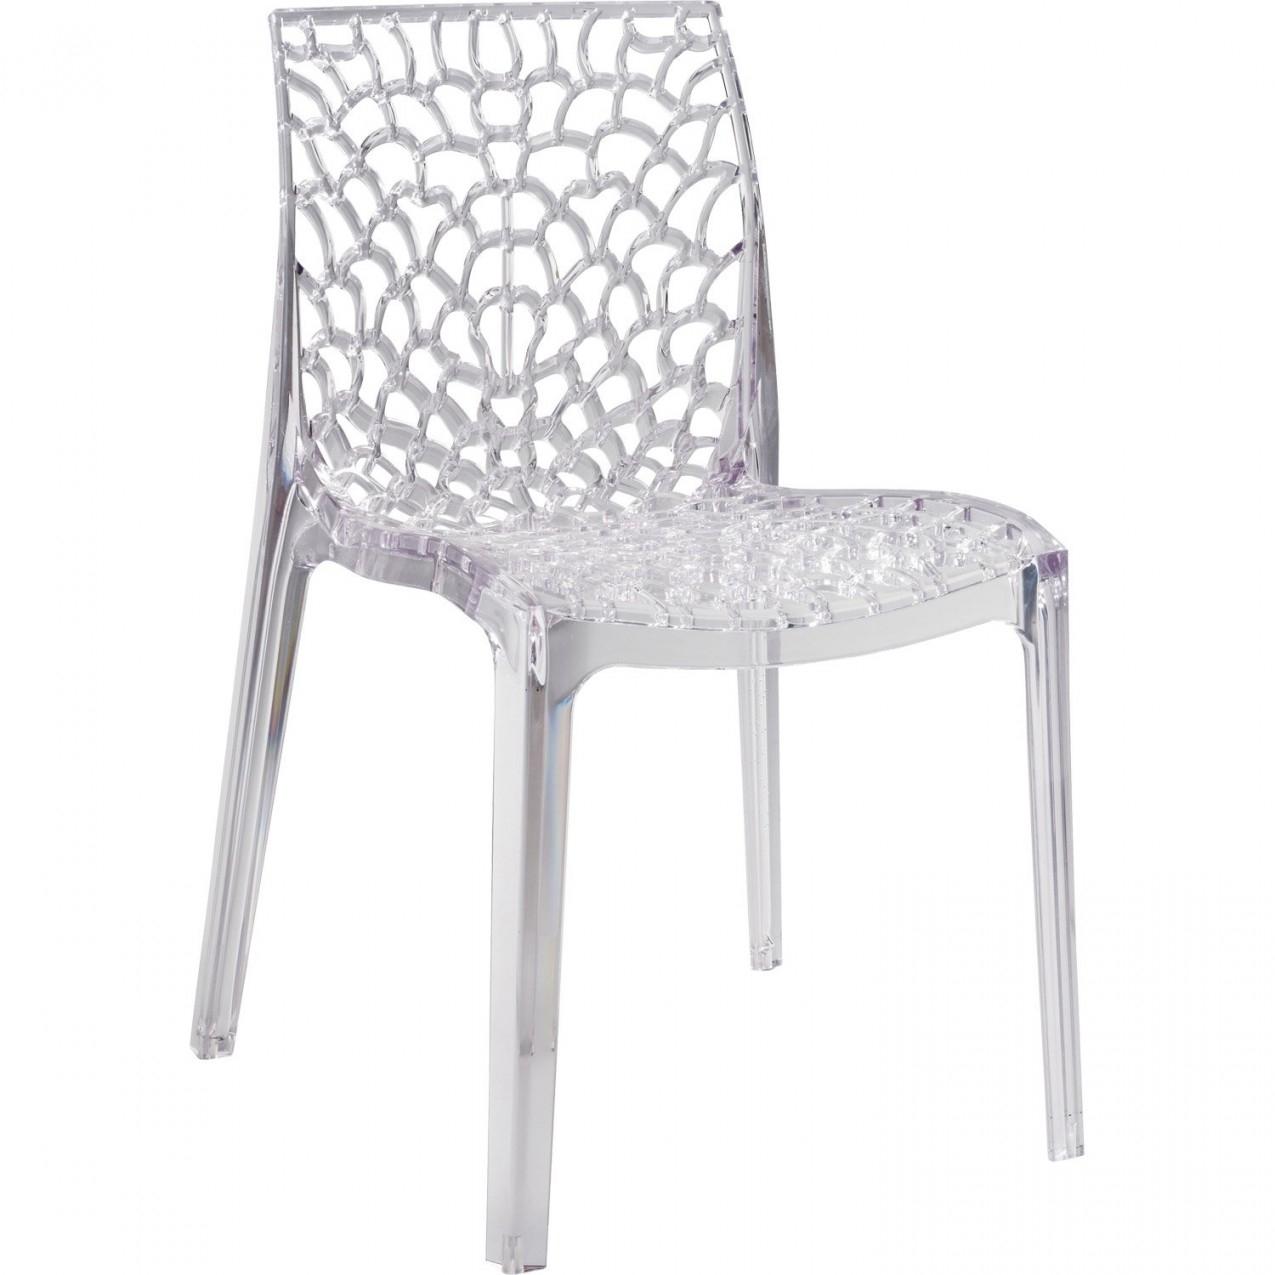 Chaise de jardin en promo